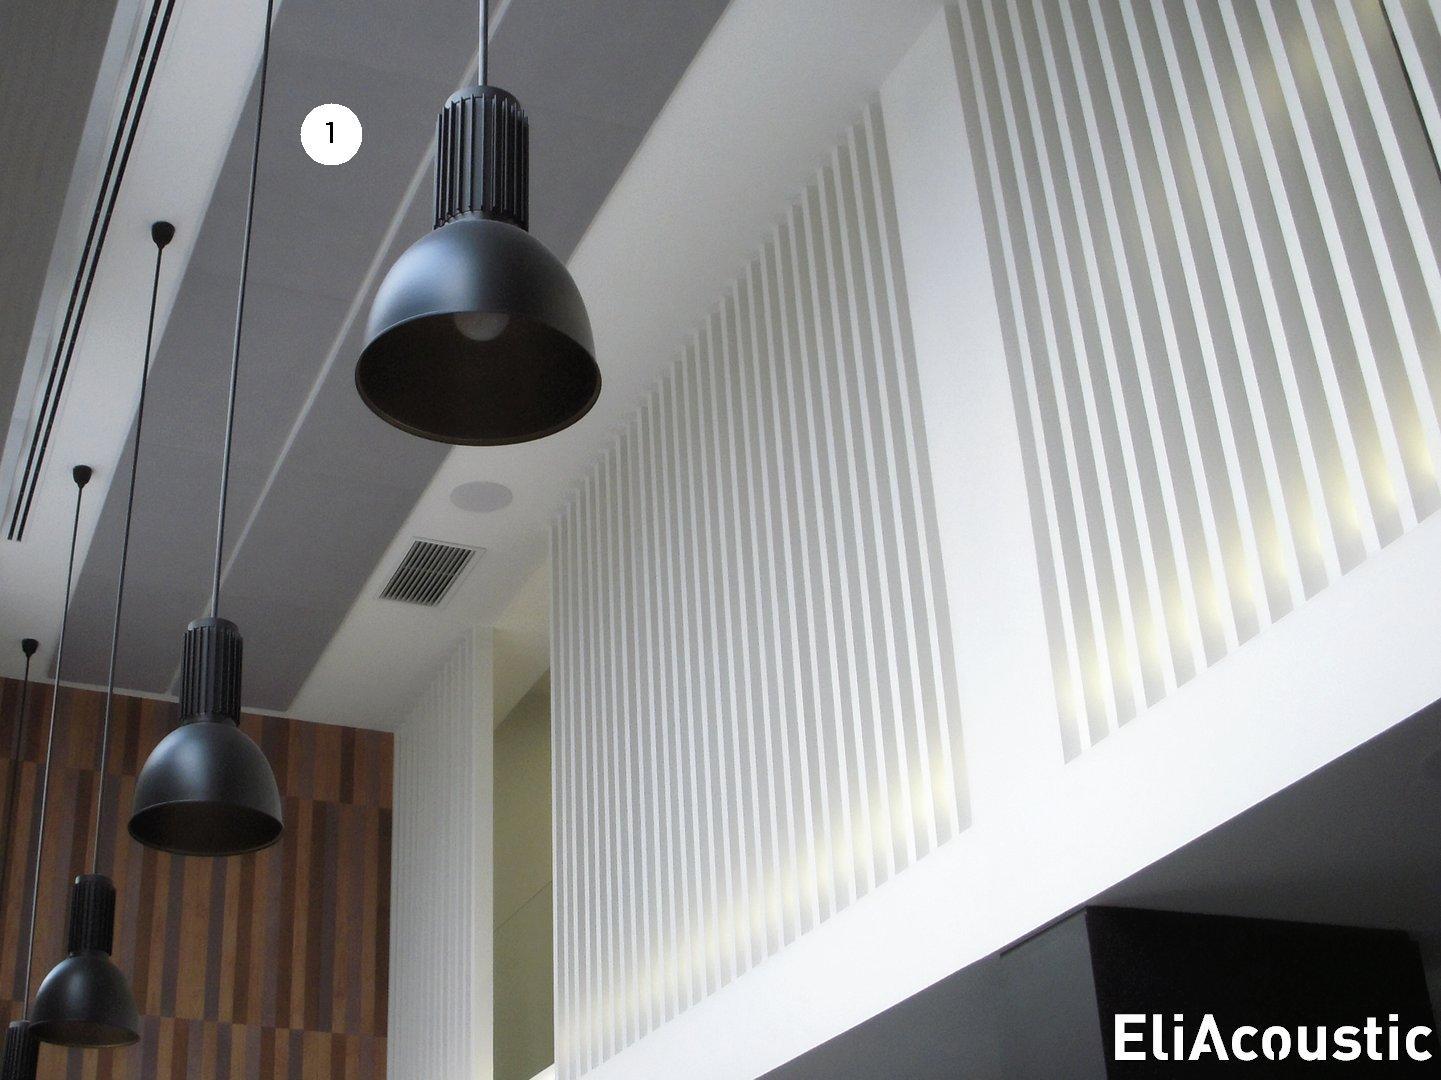 Reducir ruido restaurante con paneles decorativos